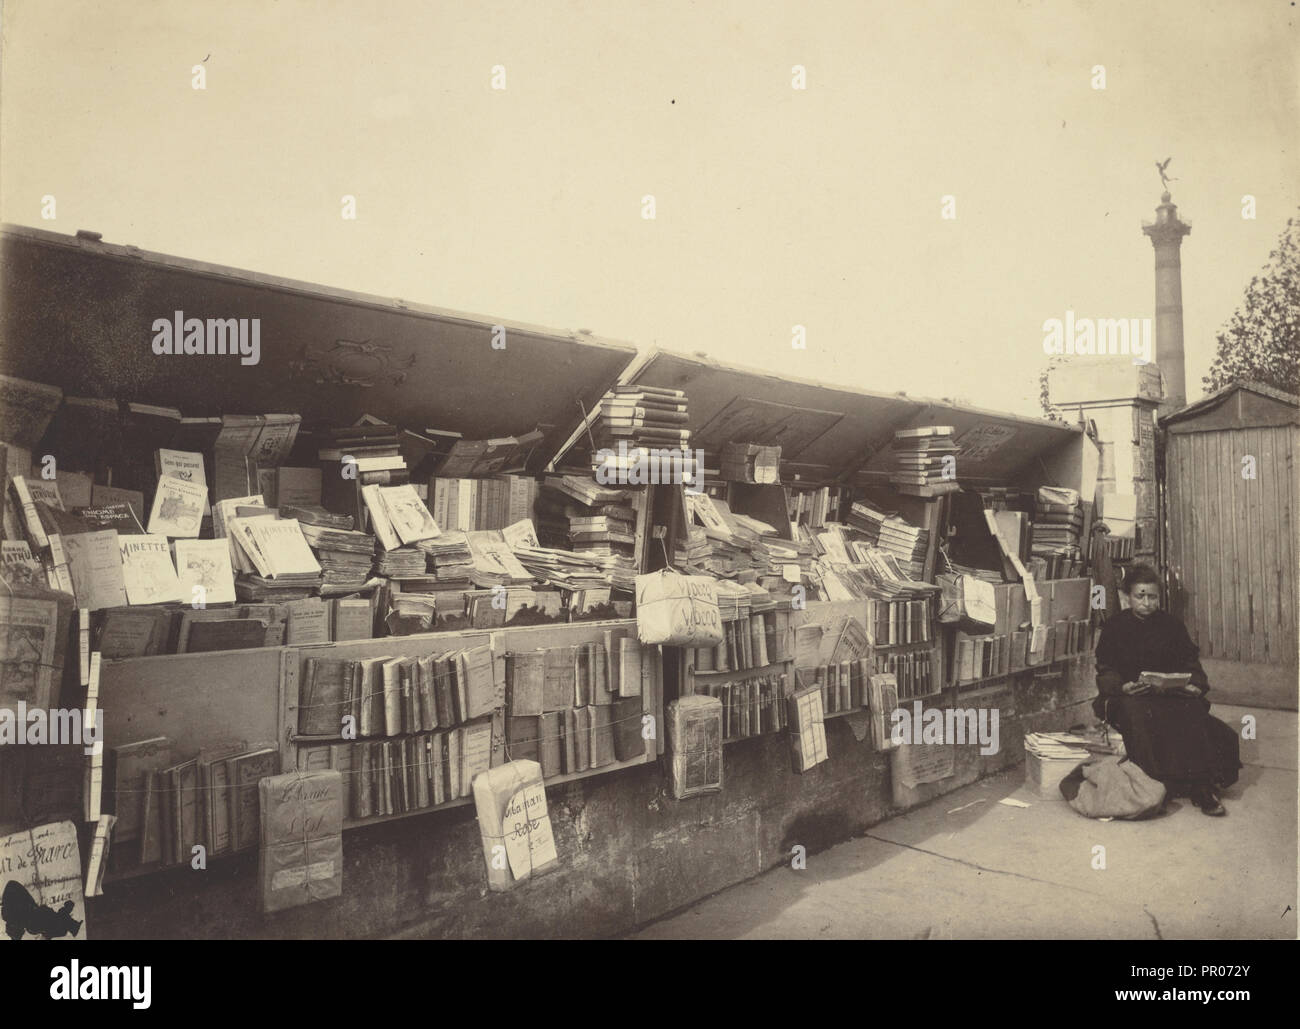 Secondhand Book Dealer, place de la Bastille; Eugène Atget, French, 1857 - 1927, Paris, France; negative 1910 - 1911; Albumen - Stock Image